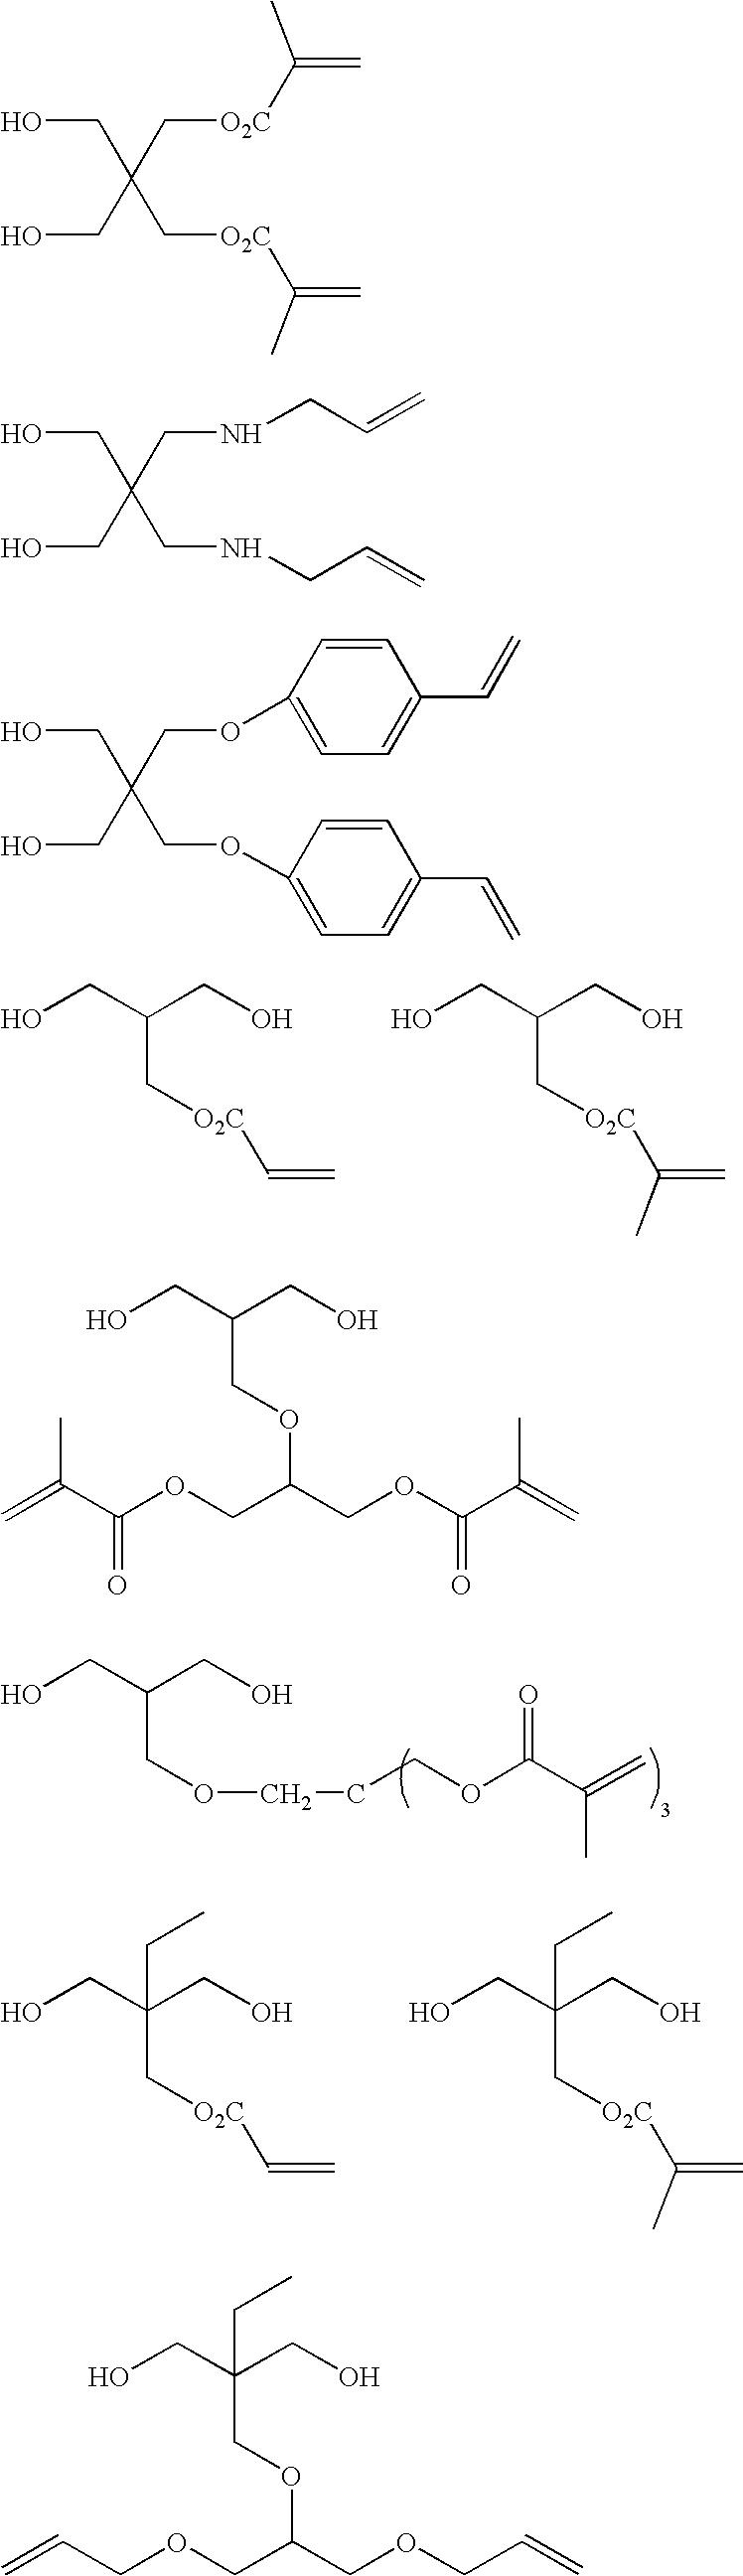 Figure US20090246653A1-20091001-C00018